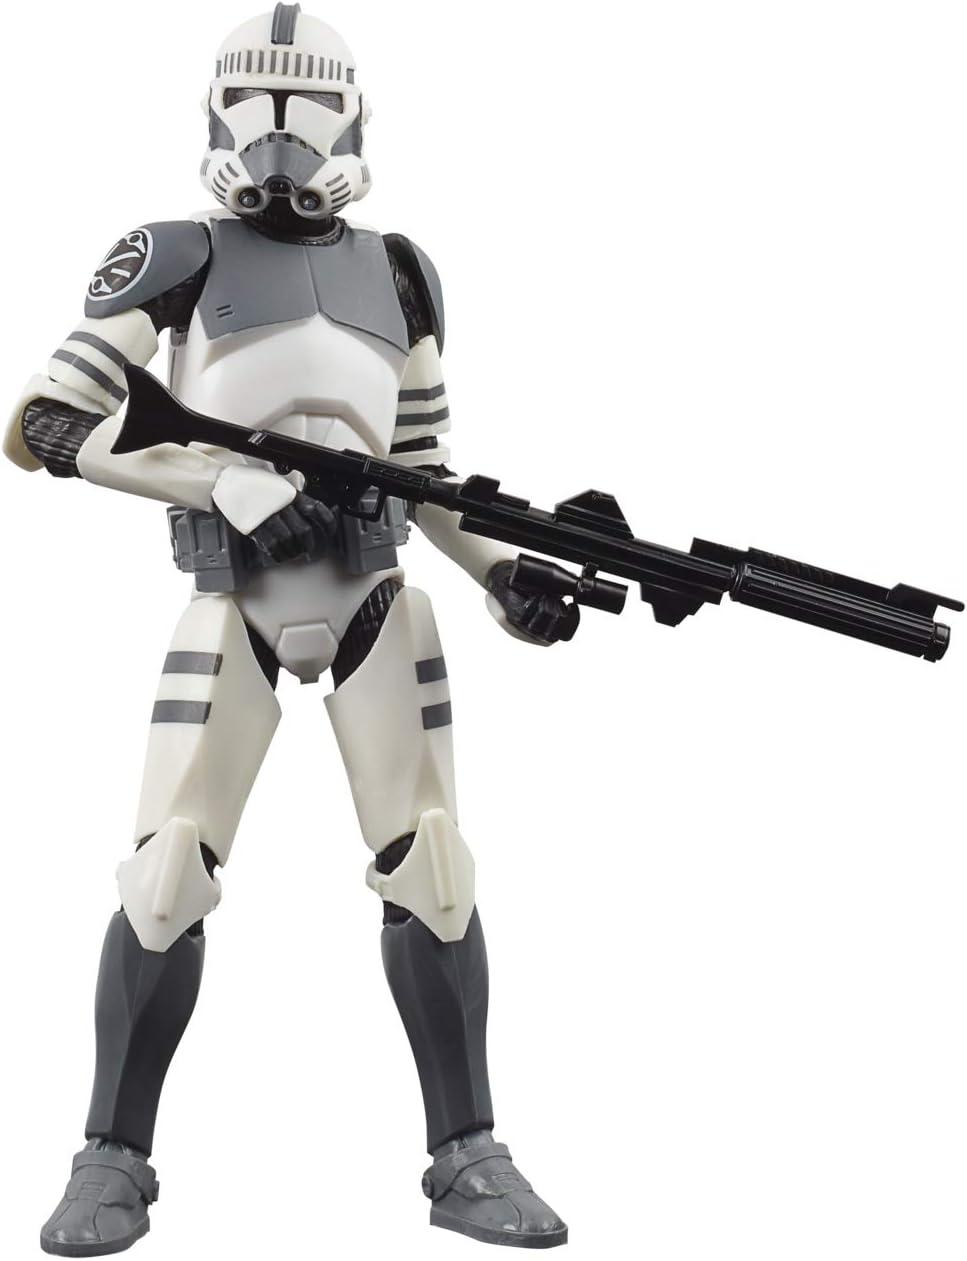 Star Wars Black Series Trooper (Kamino) Juguete de 6 Pulgadas a Escala The Clone Wars Figura de acción Coleccionable, niños a Partir de 4 años (Hasbro E9354)